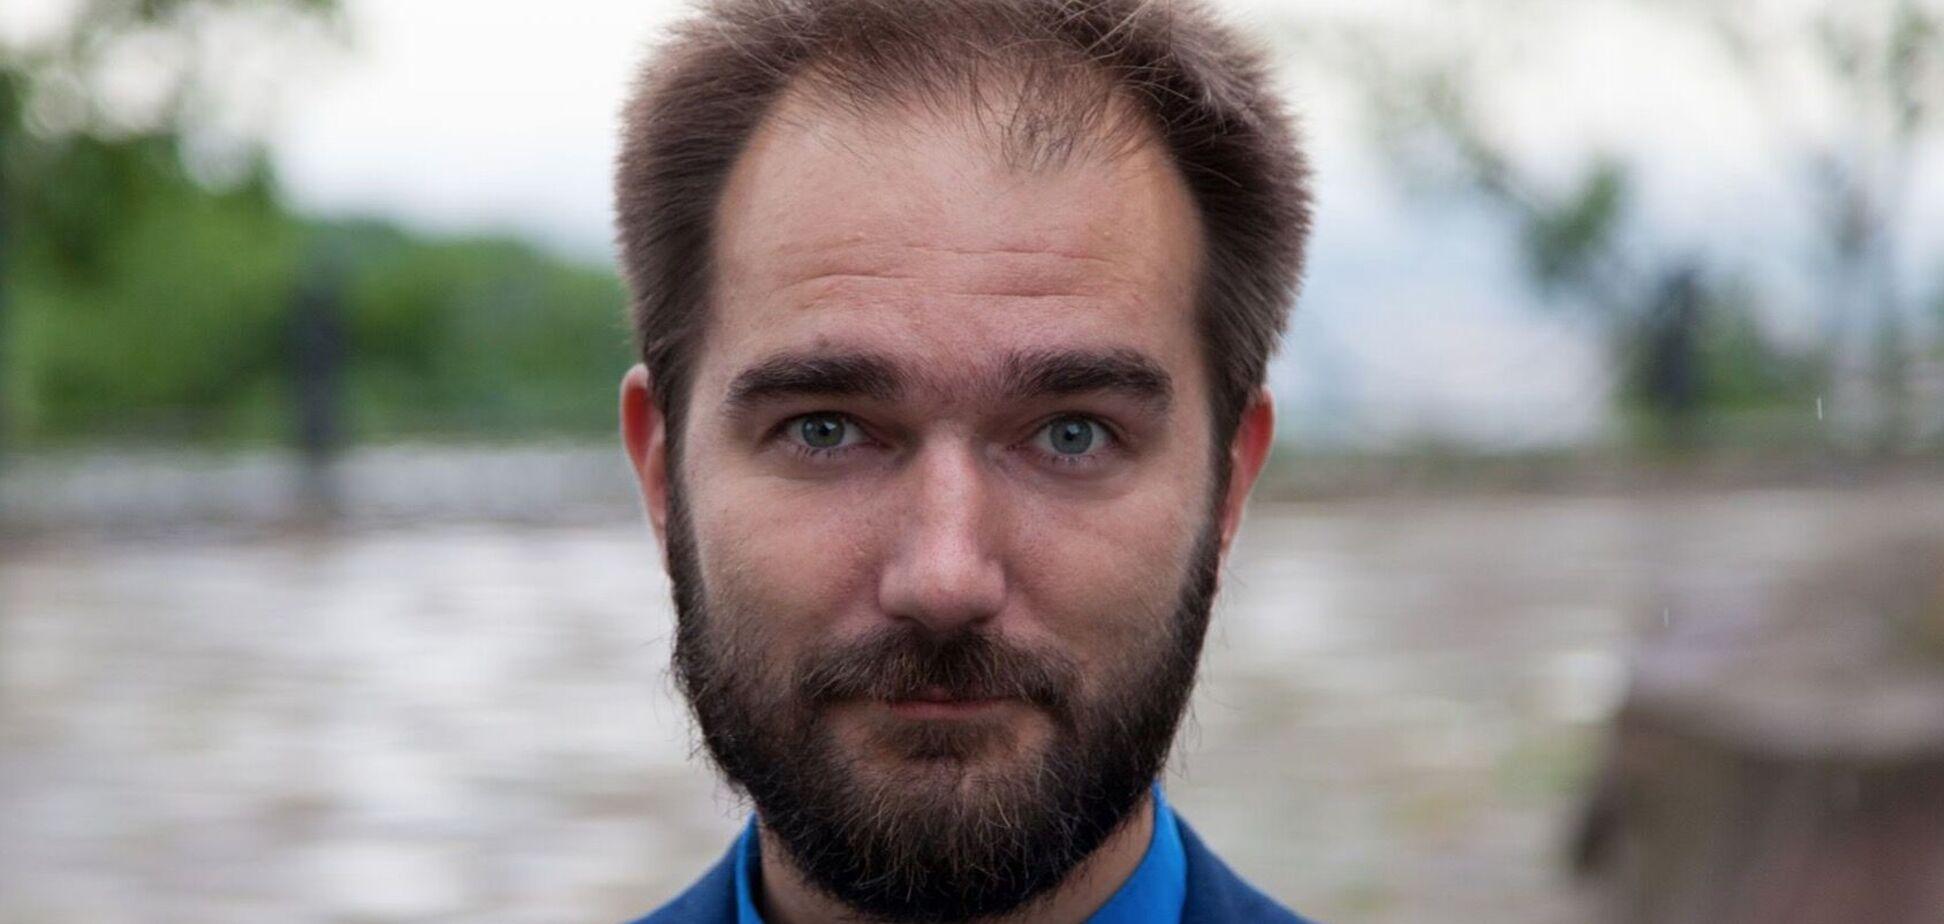 Олександр Юрченко закрився в будинку від НАБУ і САП